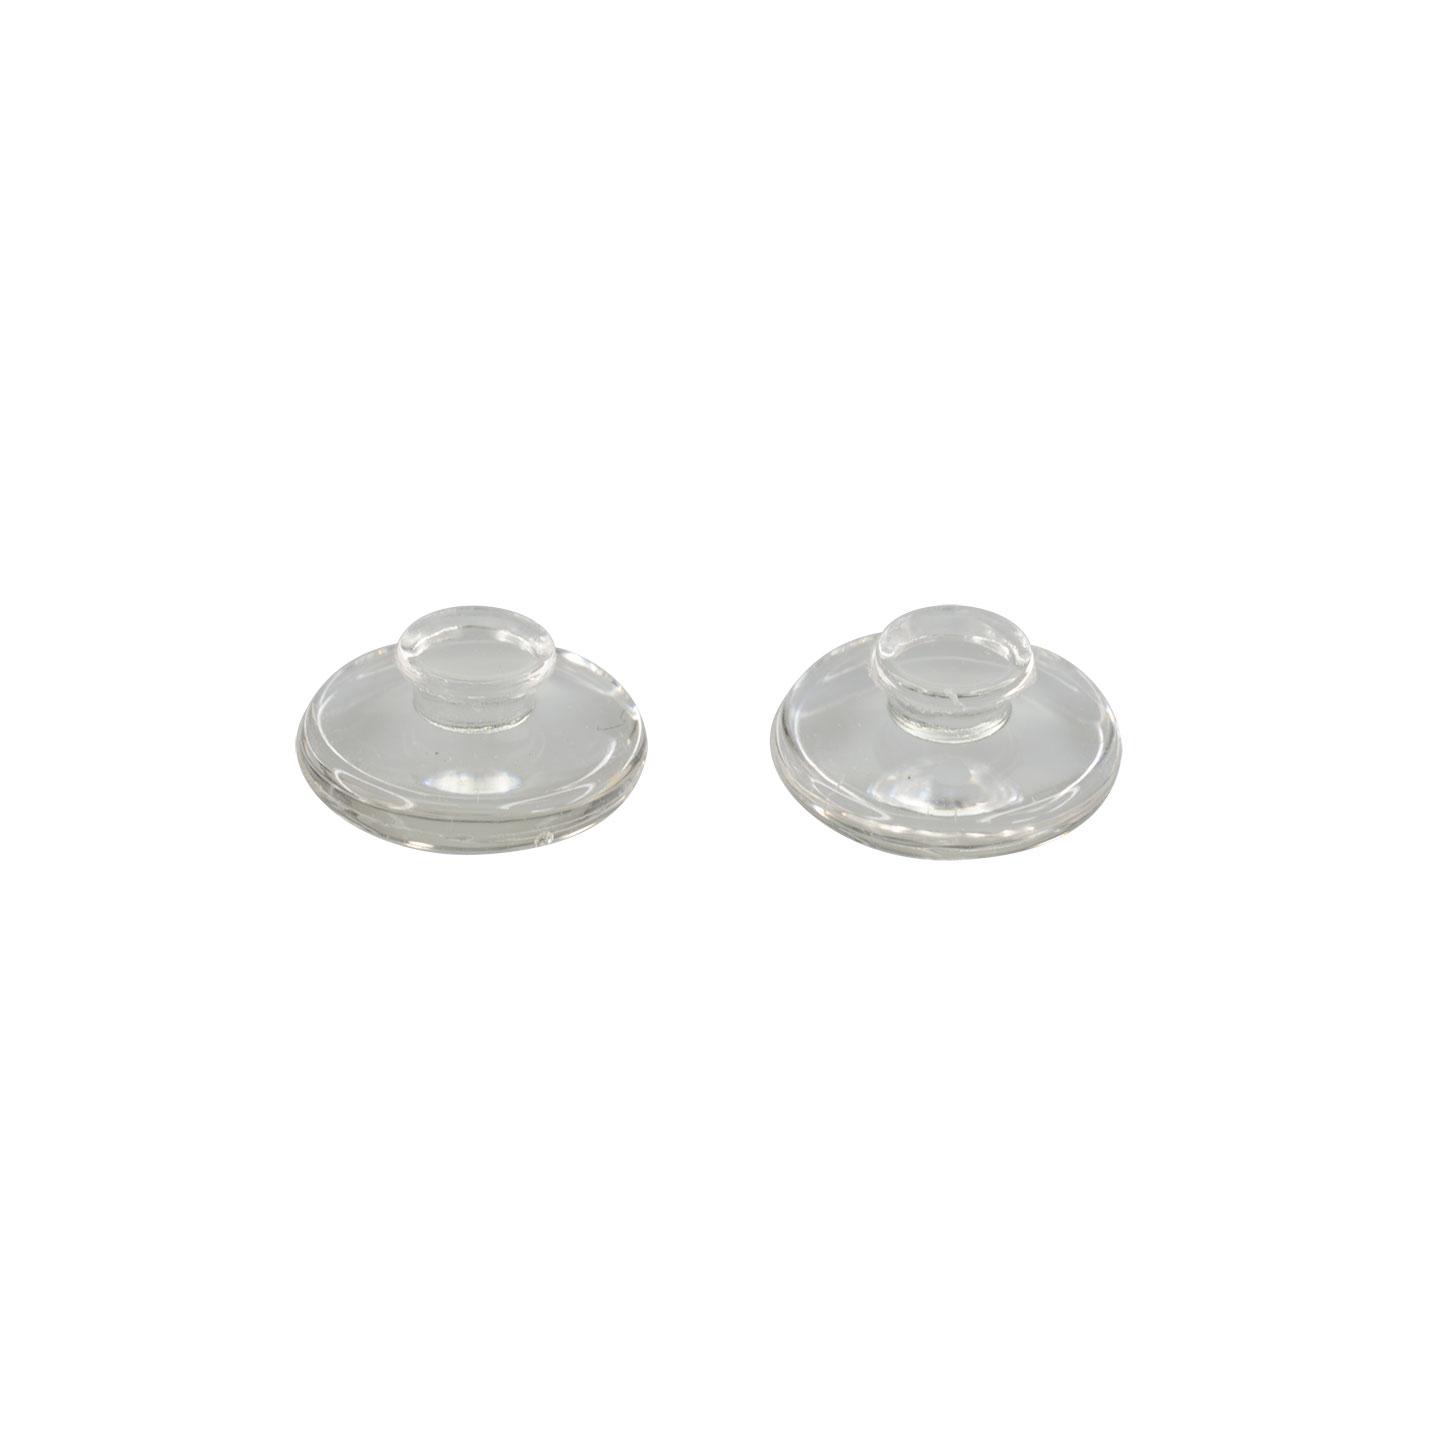 Plaquettes nasales Mono en silicone